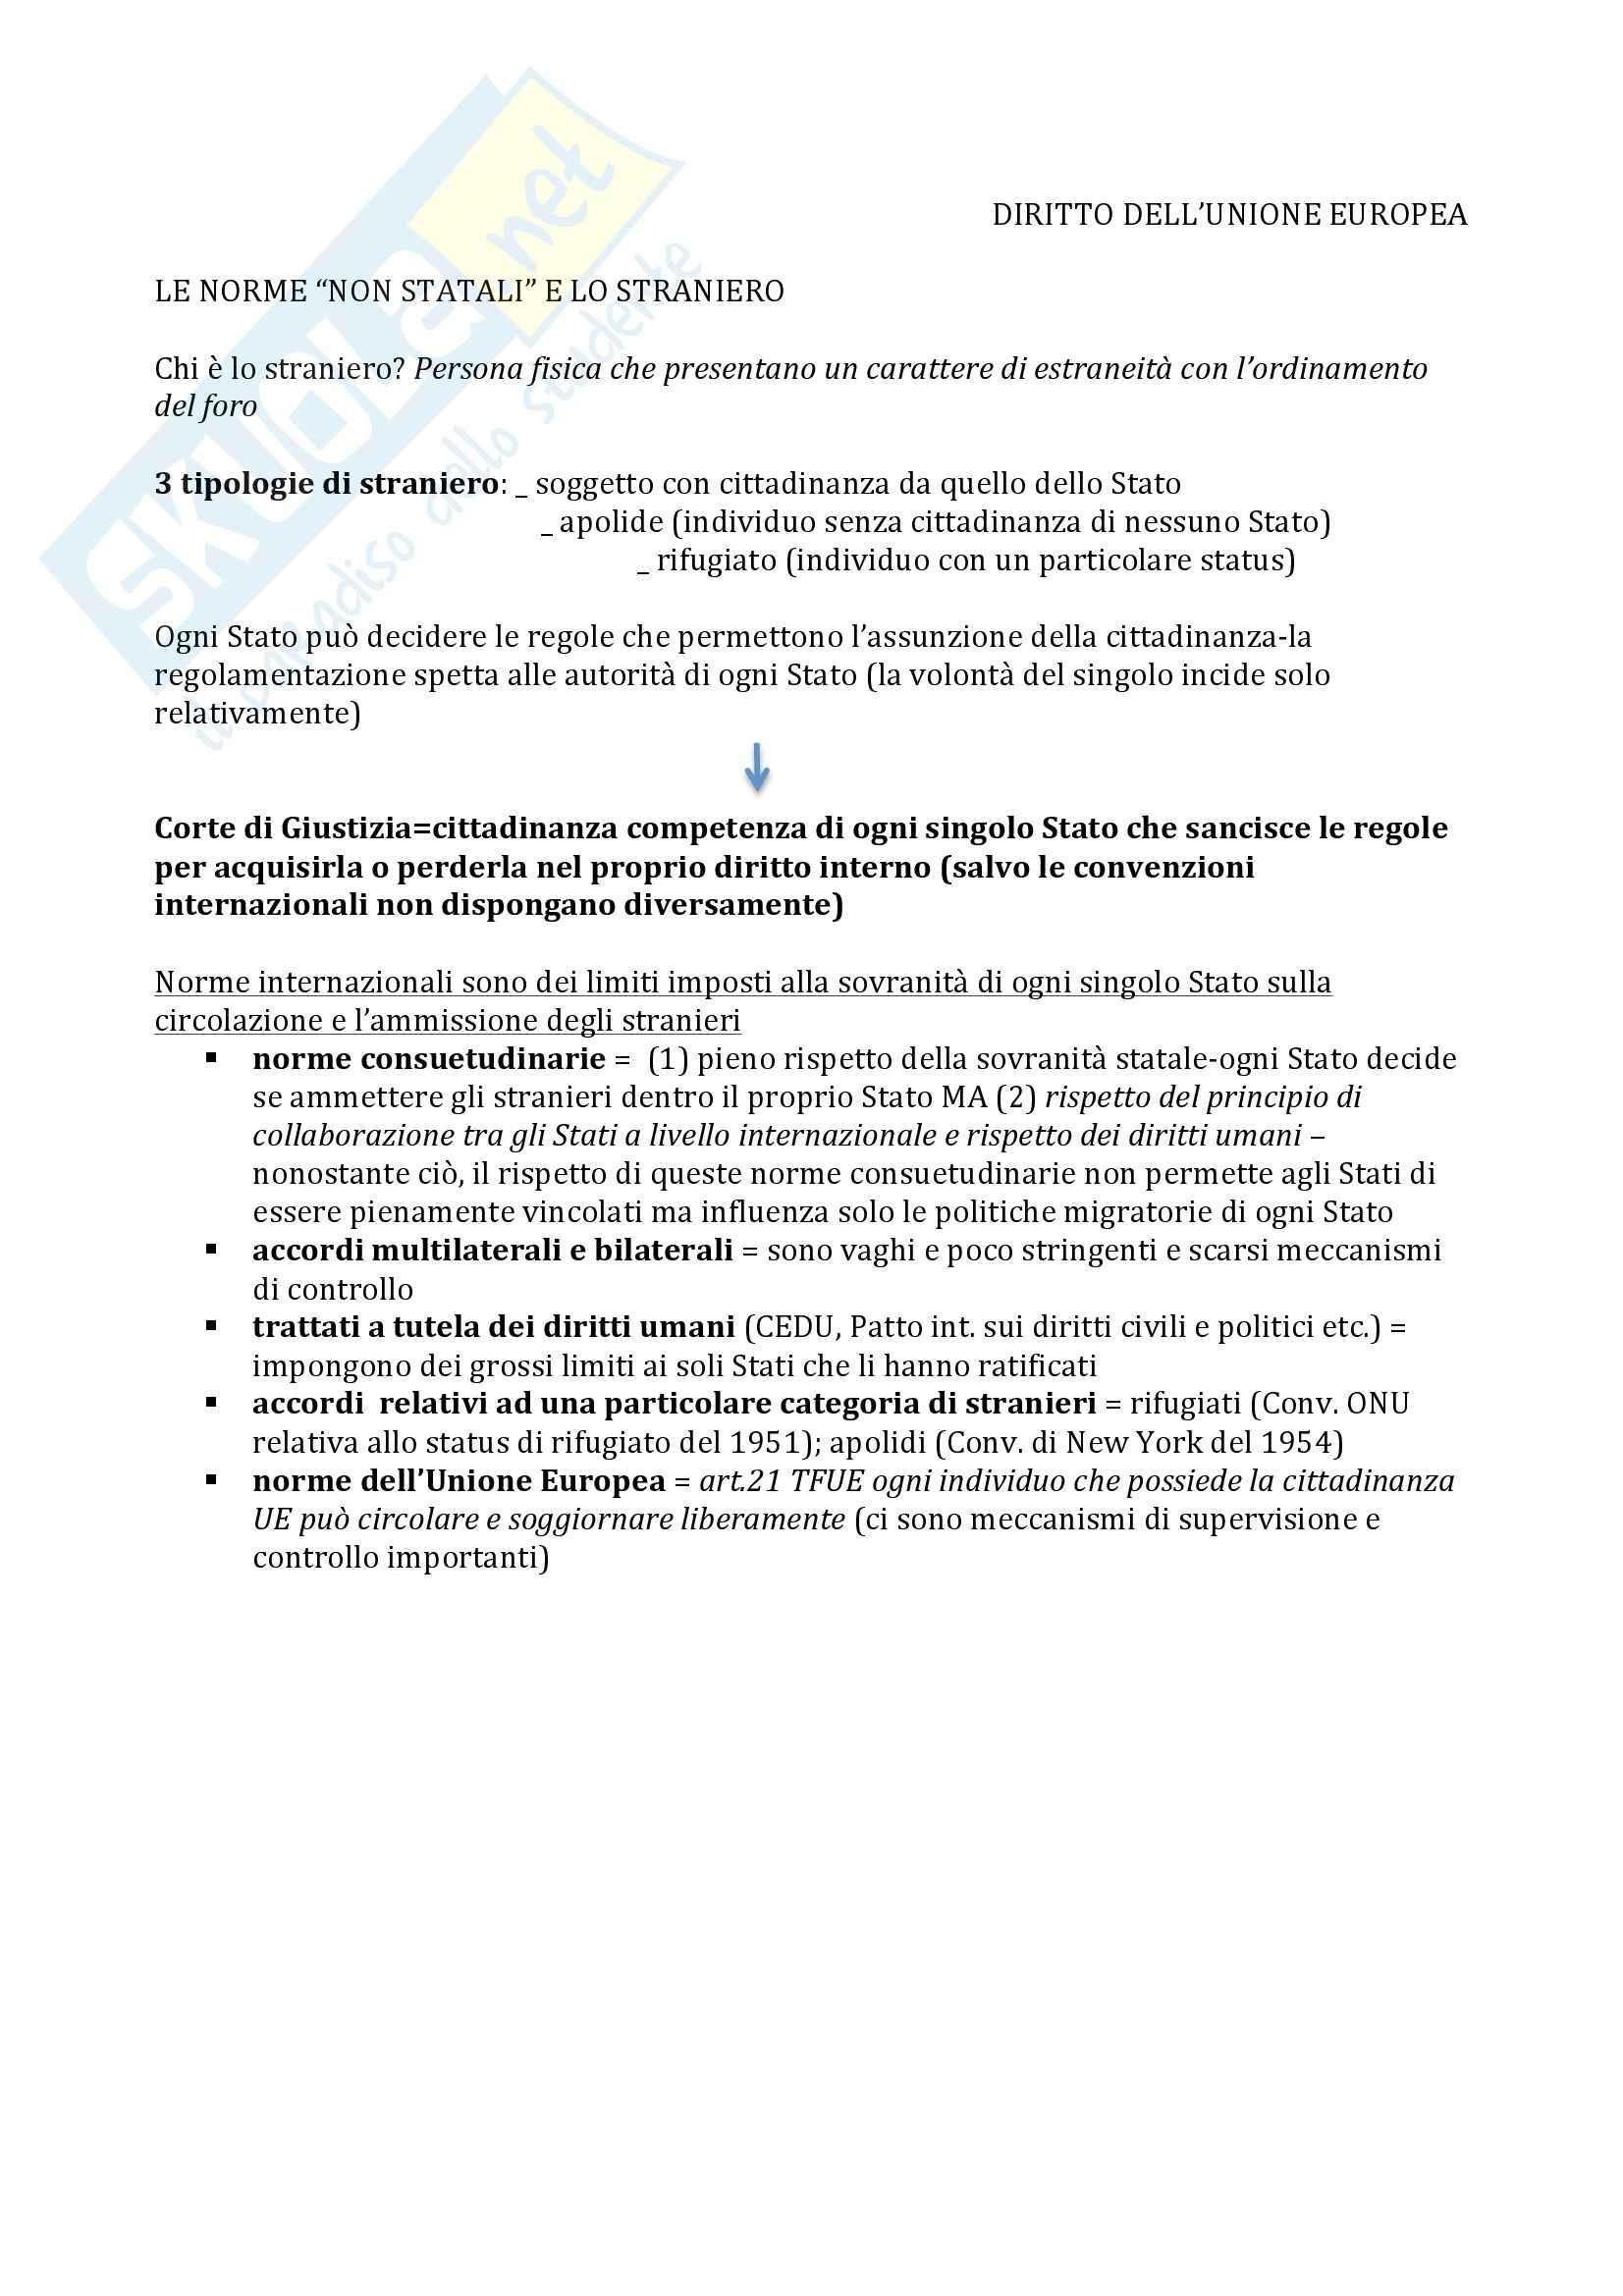 Riassunto esame diritto, prof Gestri, libro consigliato Immigrazione, diritto e diritti: profili internazionalistici ed europei, Gestri